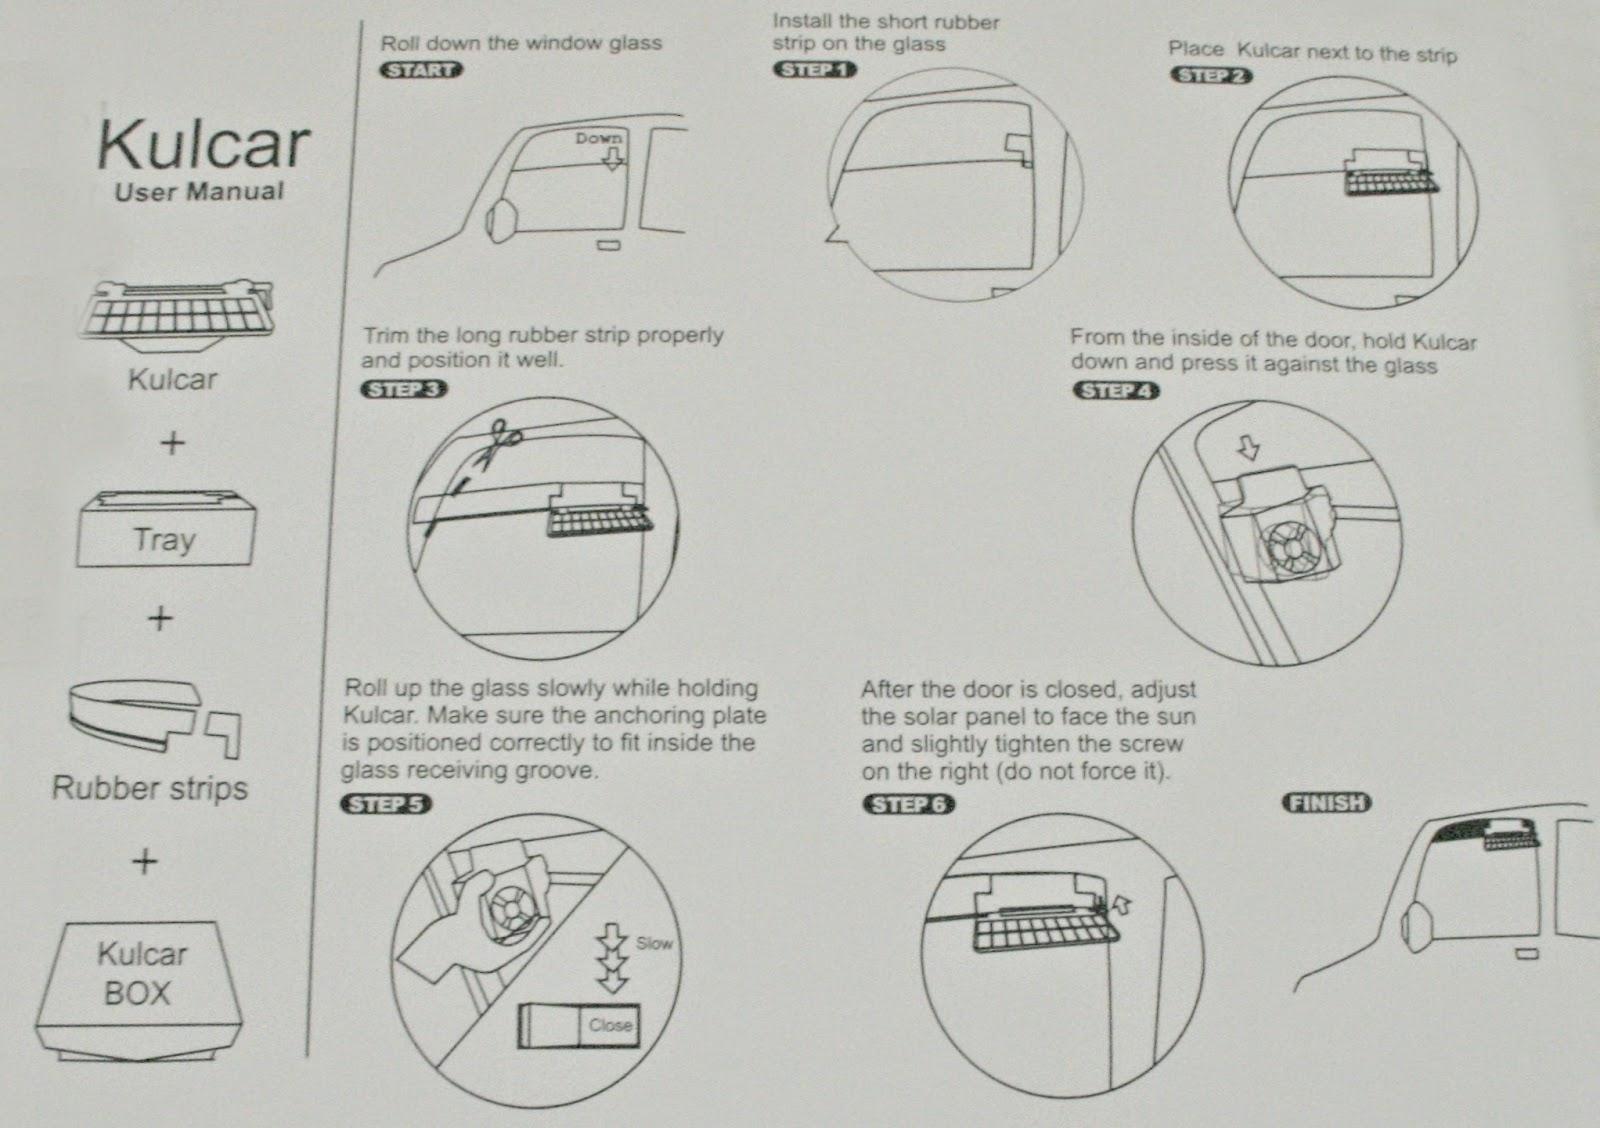 Kulcar, car cooler, solar car cooler, solar cooler, Kulcar solar car coole